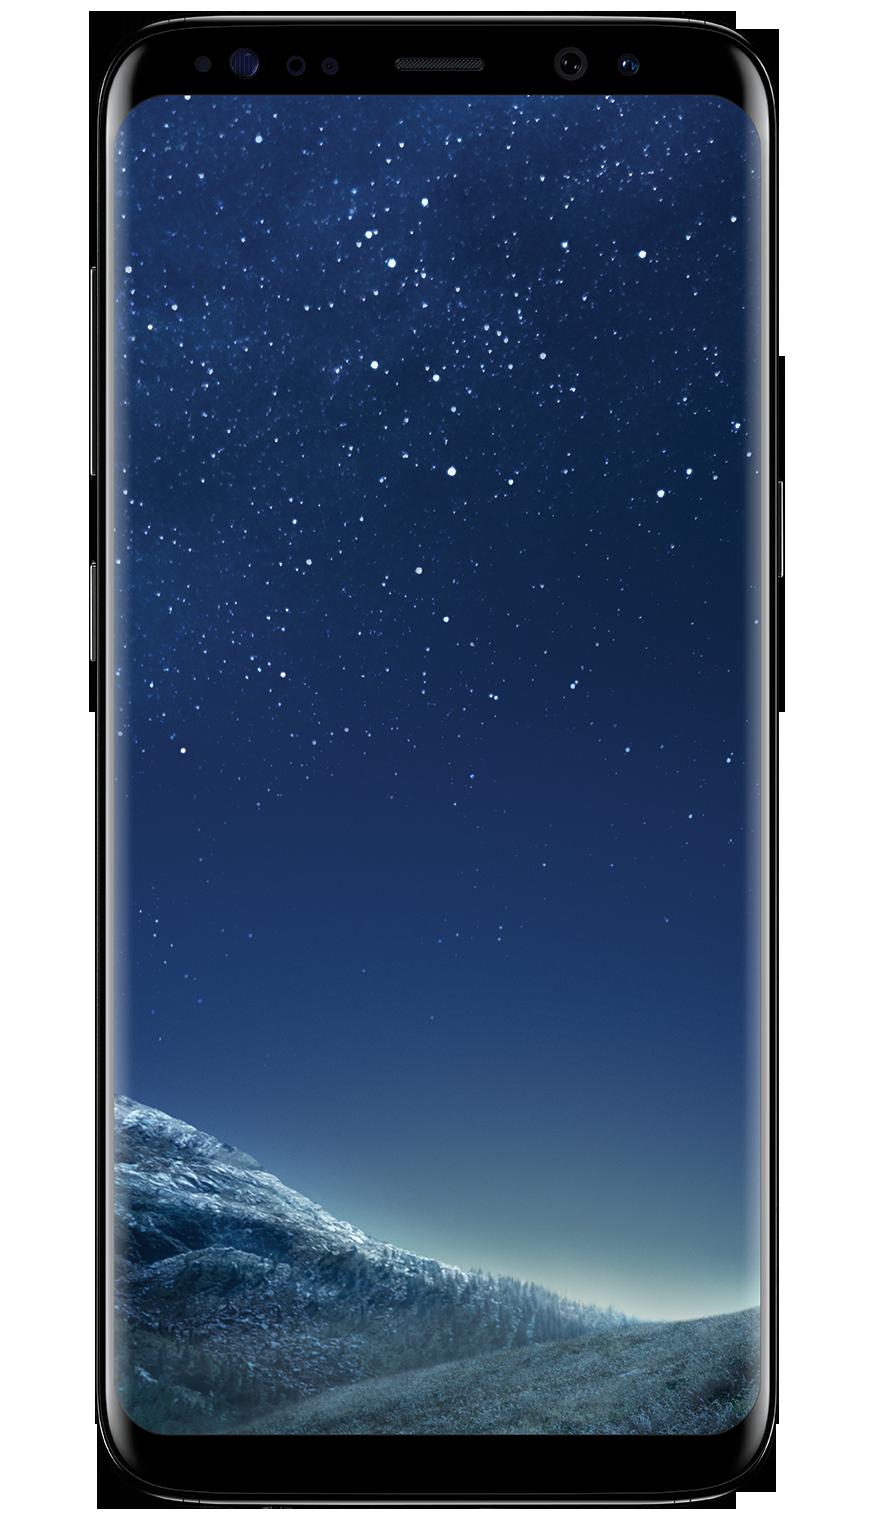 Samsung galaxy s8+ telefon takip - Çağrı sms takip programı